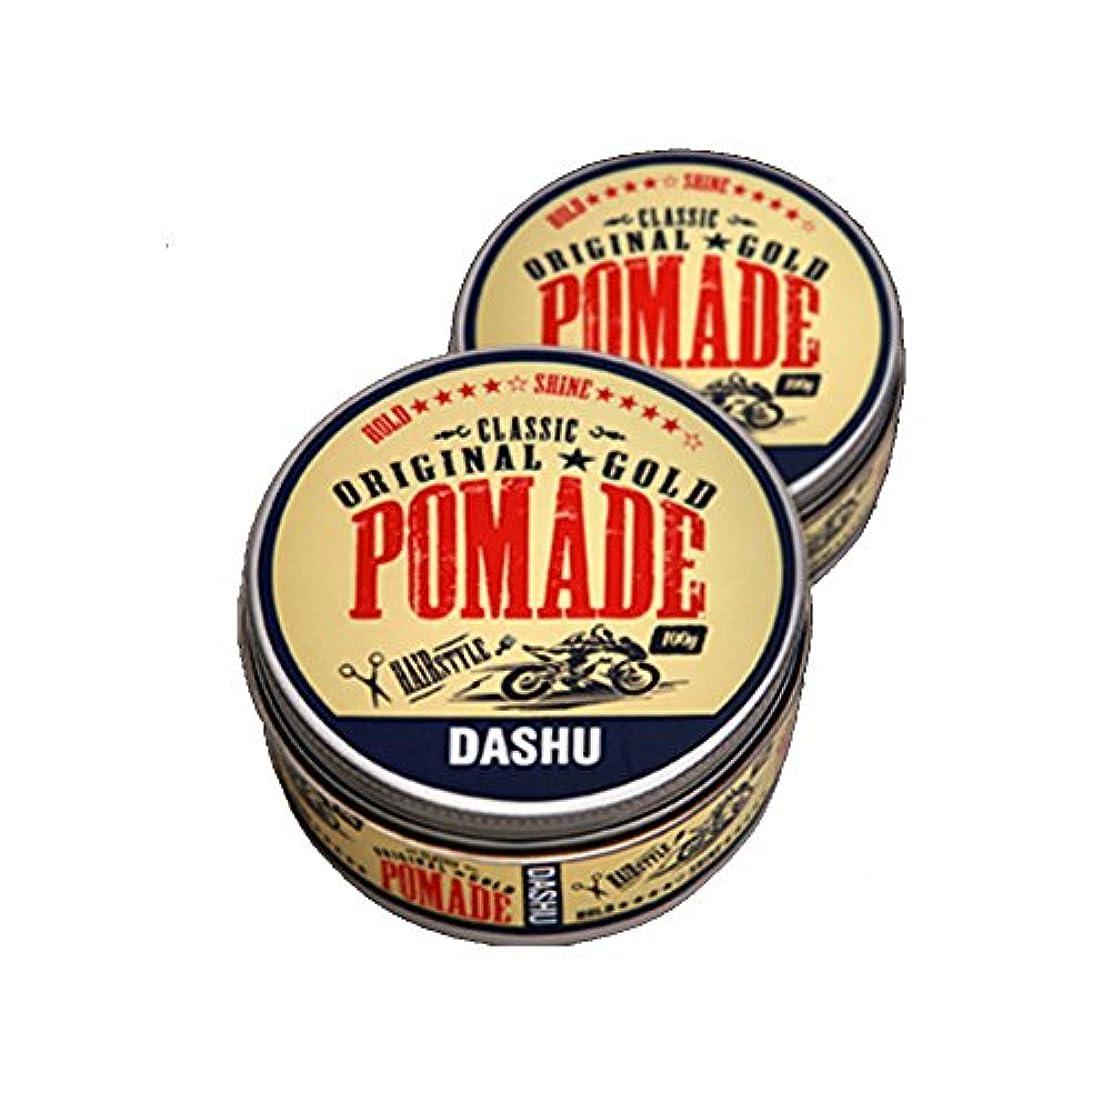 信頼性のある金貸し比喩(2個セット) x [DASHU] ダシュ クラシックオリジナルゴールドポマードヘアワックス Classic Original Gold Pomade Hair Wax 100ml / 韓国製 . 韓国直送品